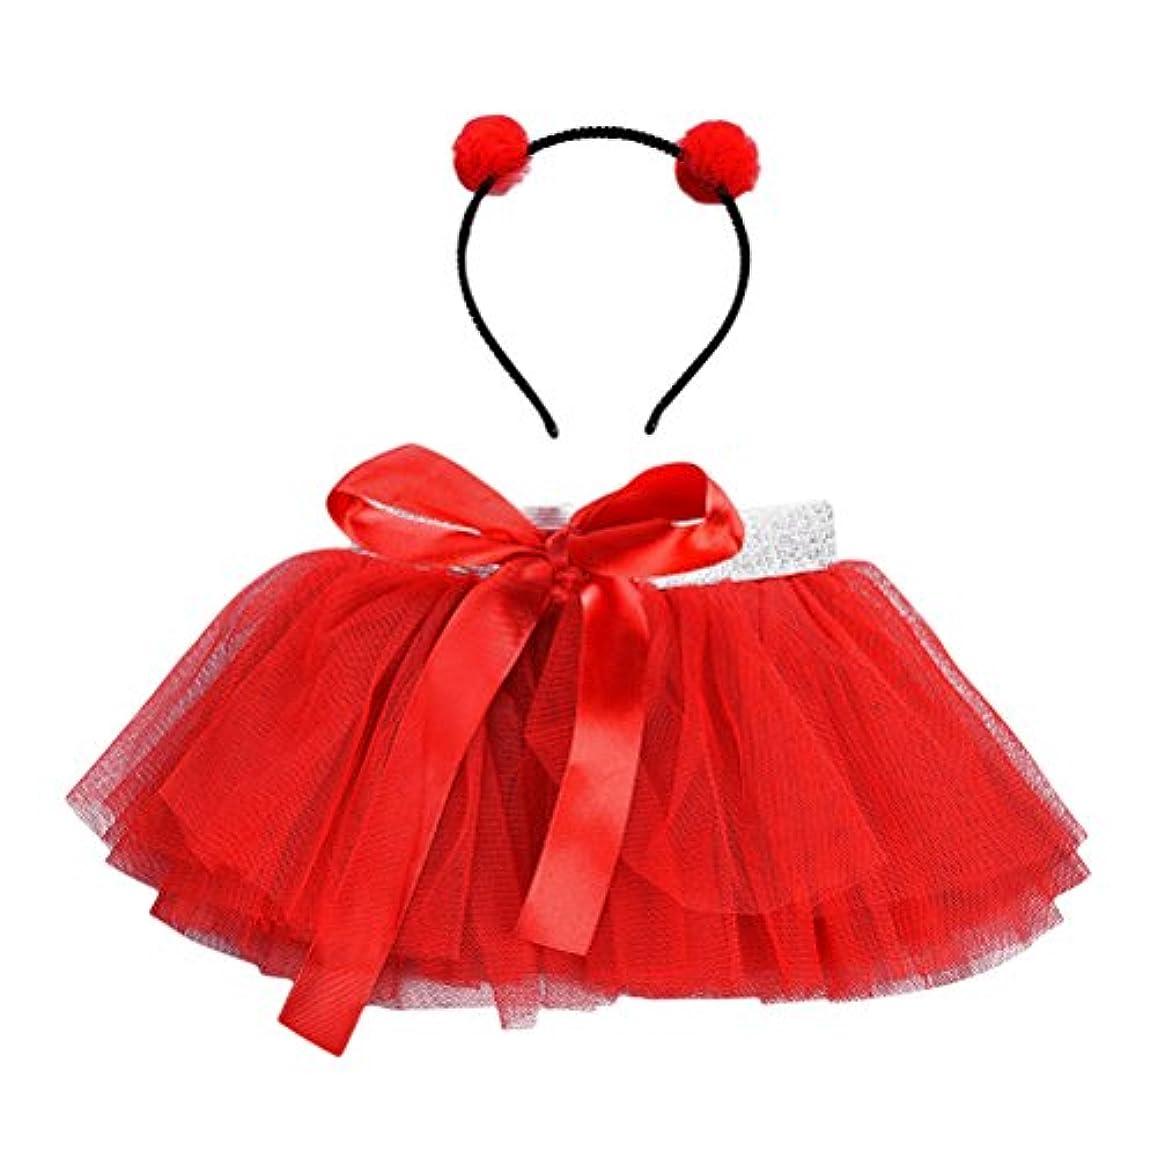 グレー階みLUOEM 女の子TutuスカートセットヘッドバンドプリンセスガールTutuの服装赤ちゃん女の子Birthday Outfit Set(Red)